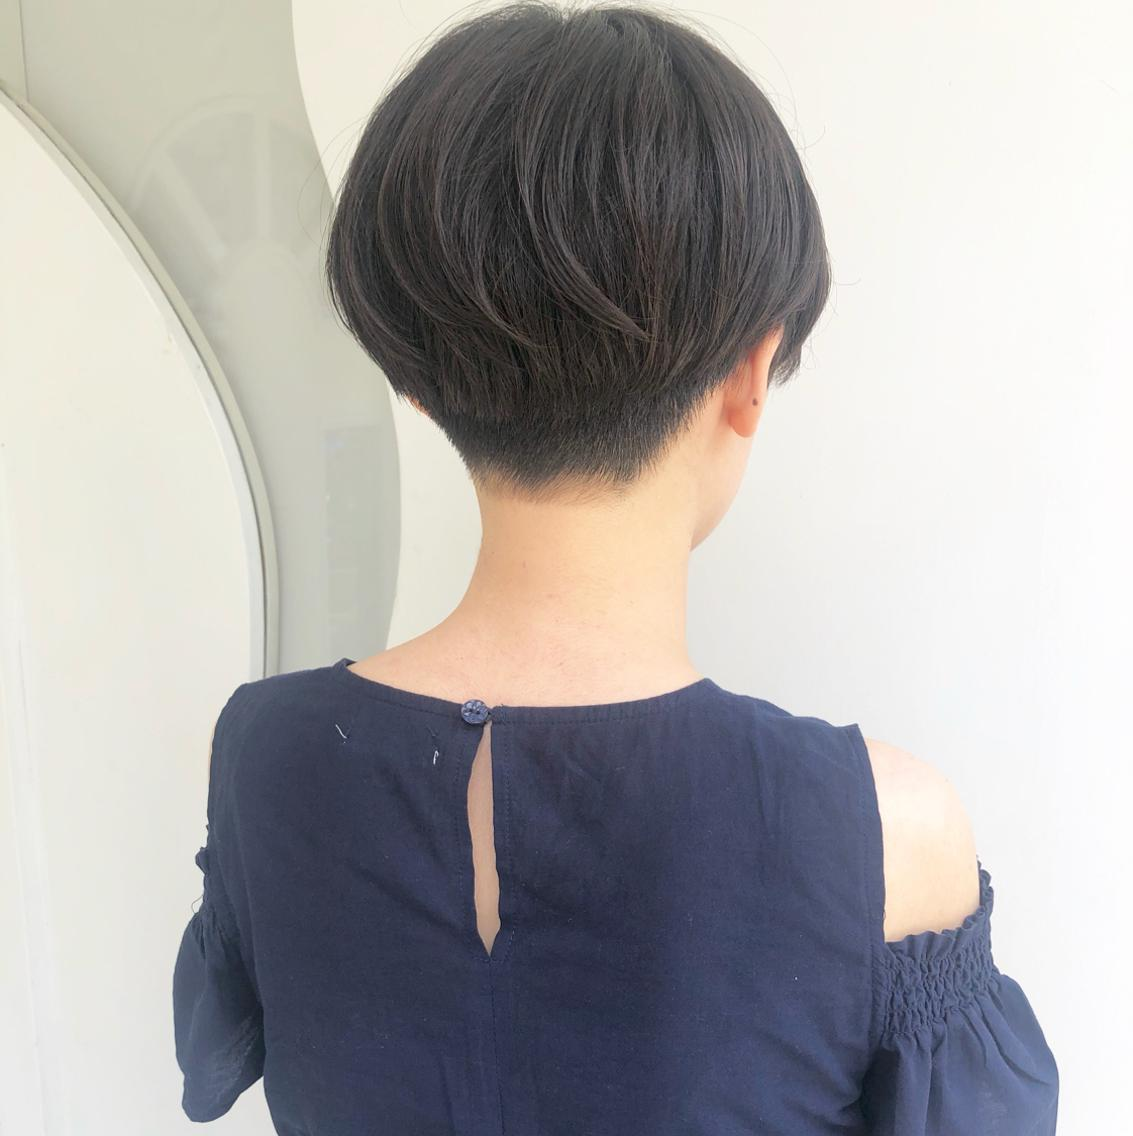 髪のお悩み聞かせてください❤️✨ヘアケアしながら艶と潤いと透明感のあるカラーをしたい方✨ぜひ担当させてください^ ^✨